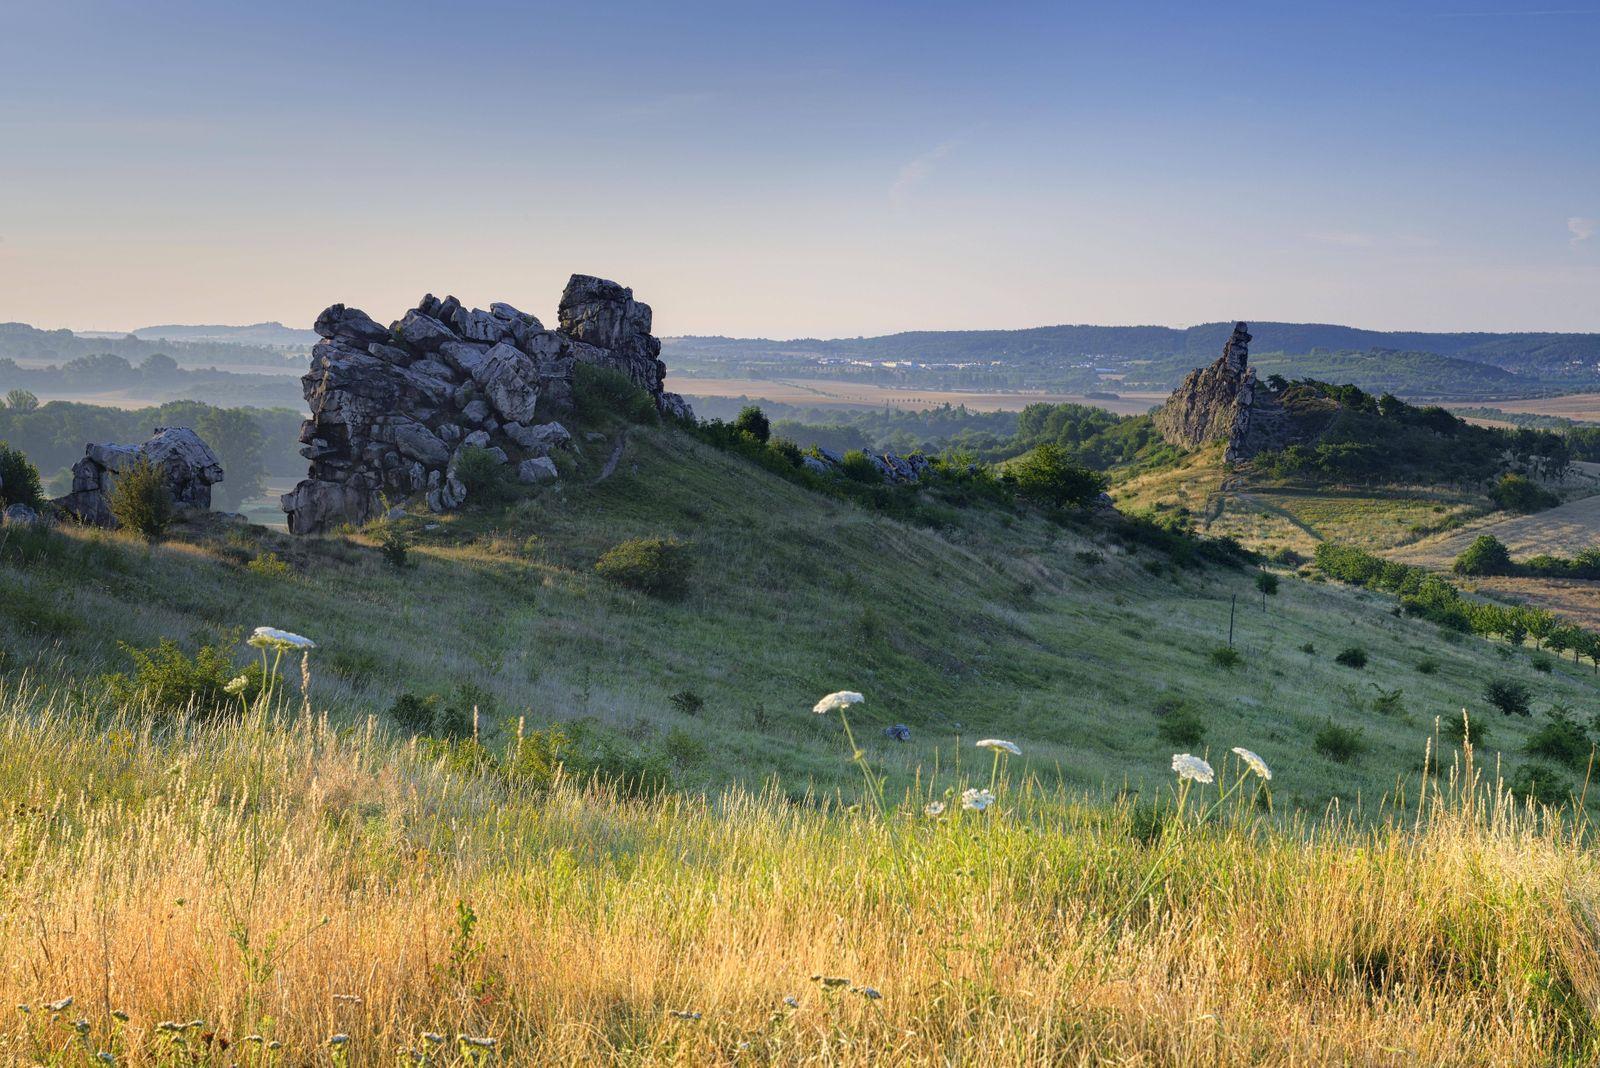 Felsformation Naturschutzgebiet Teufelsmauer Morgenlicht bei Weddersleben Harz Sachsen Anhalt